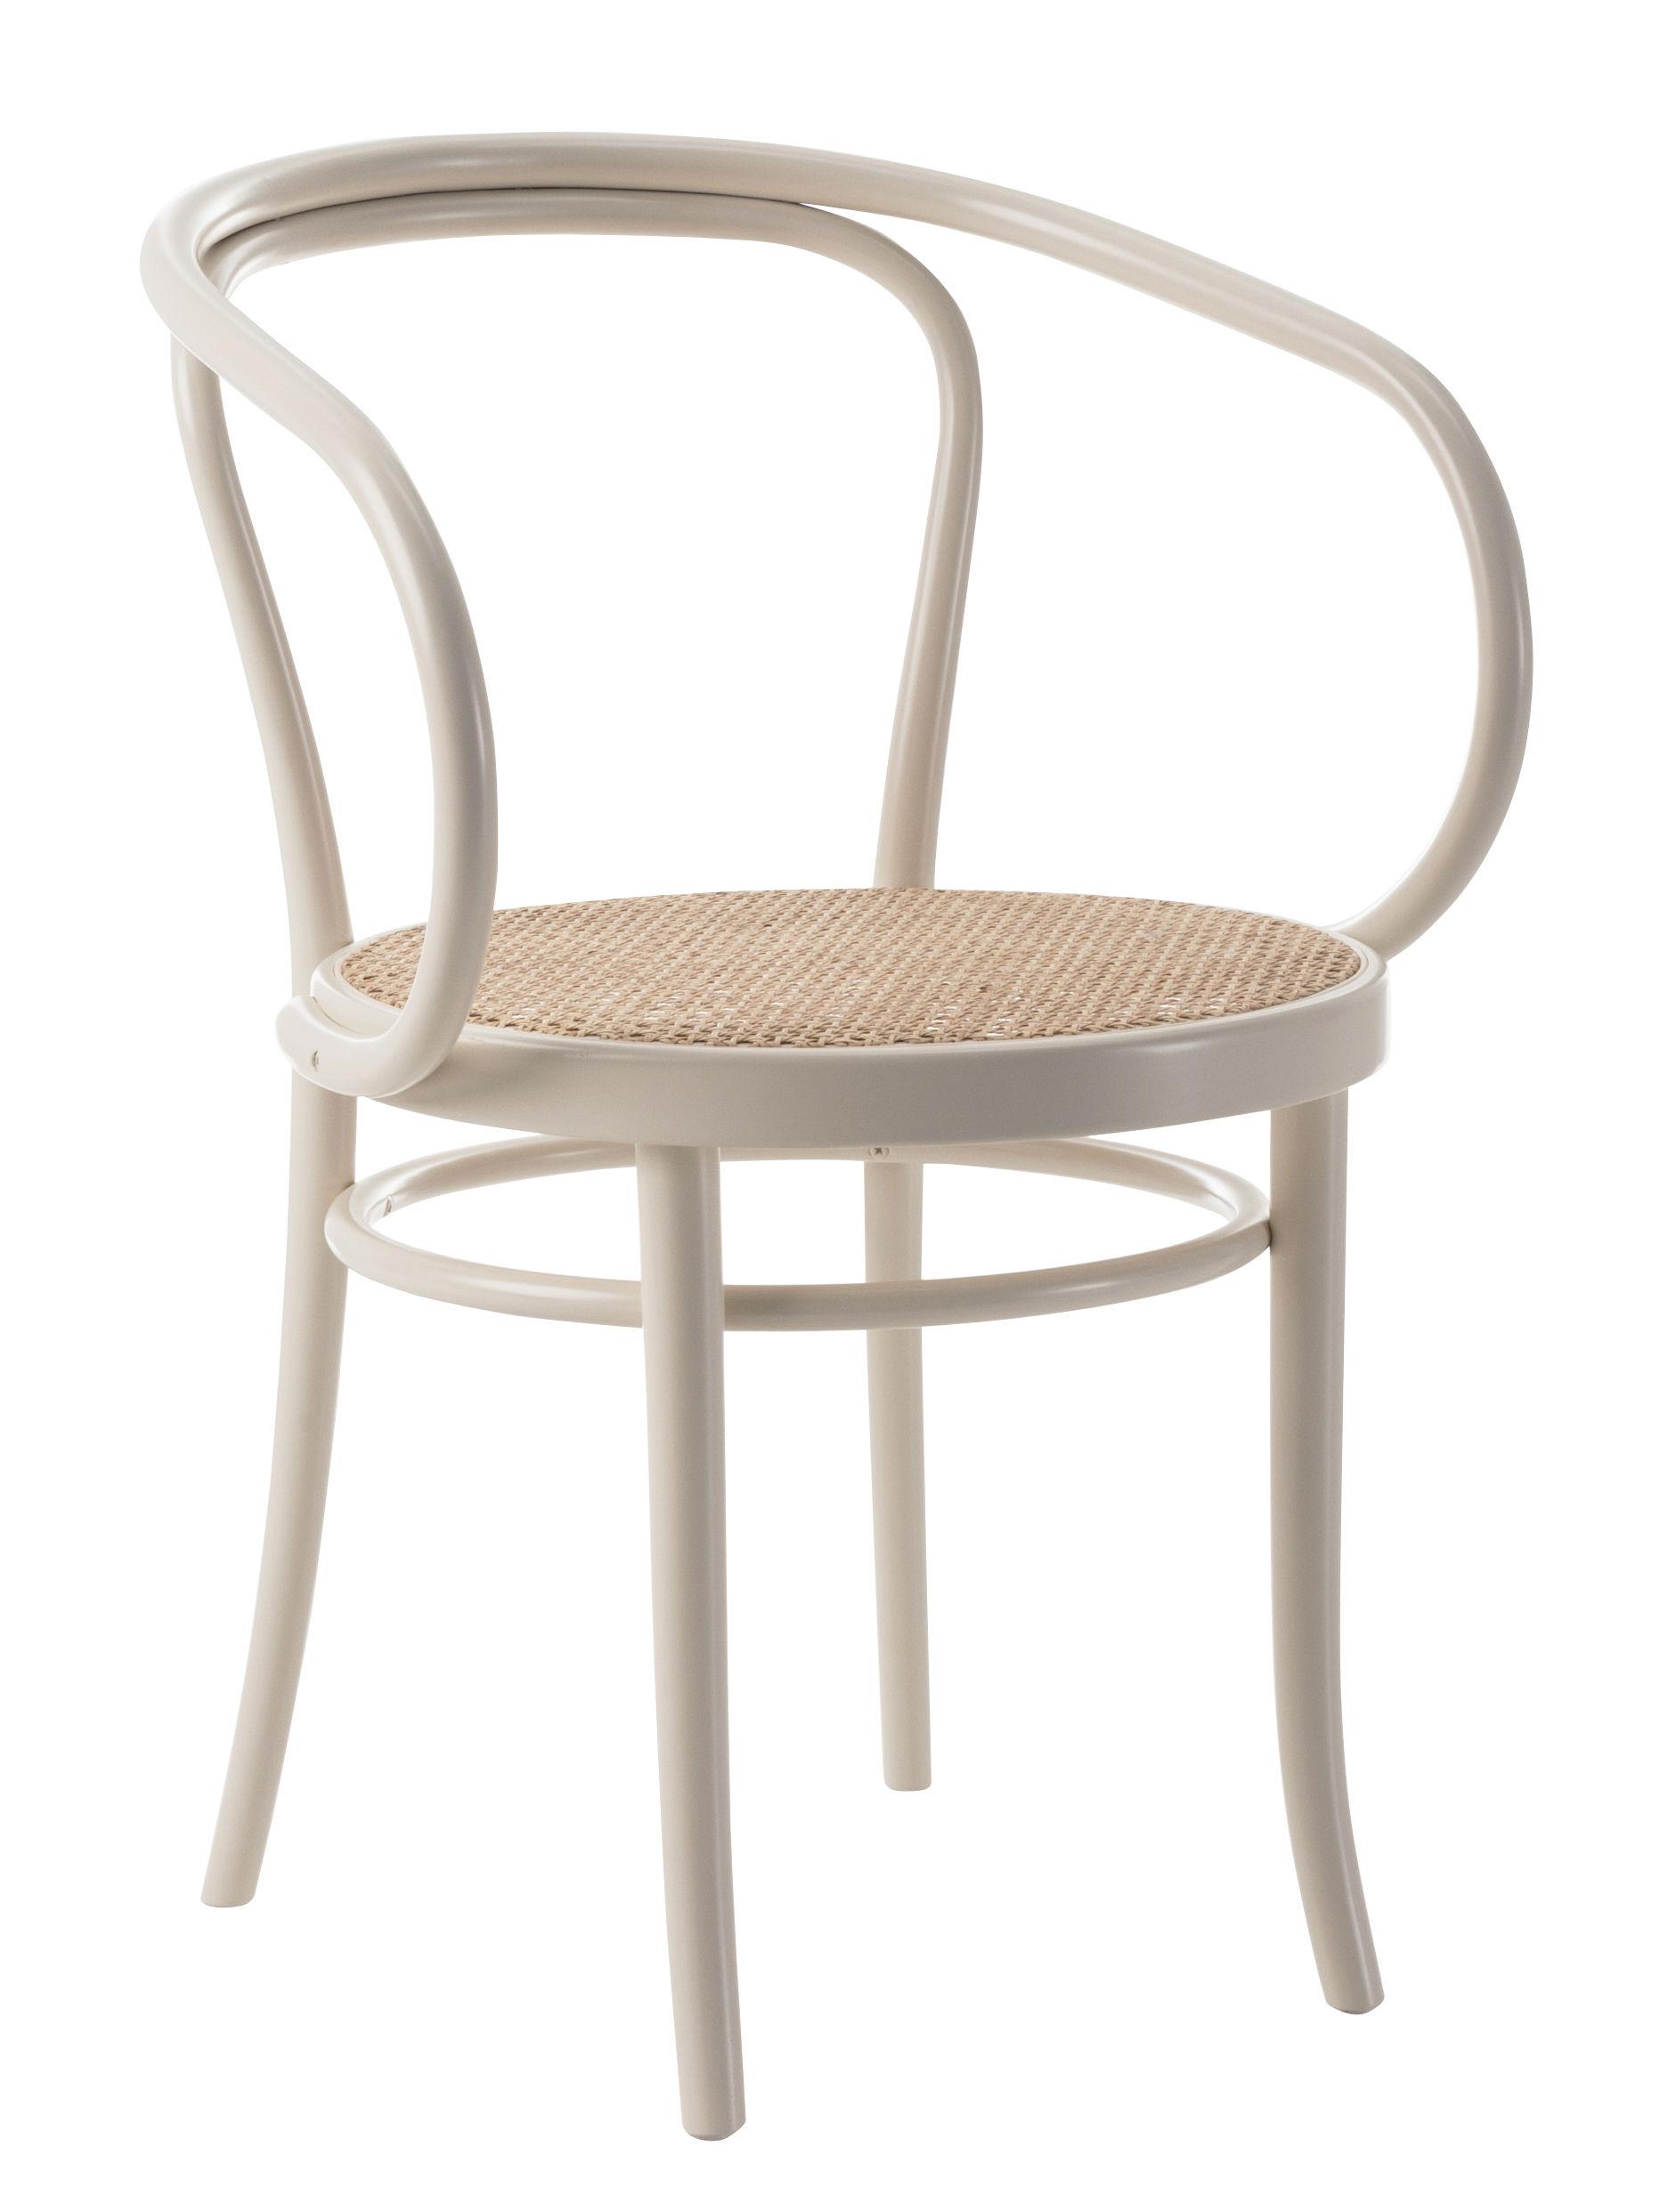 Arredamento - Sedie  - Poltrona Wiener Stuhl - / seduta impagliata - Riedizione 1904 di Wiener GTV Design - Seduta paglia / Bianco - Faggio massello curvato, Paglia